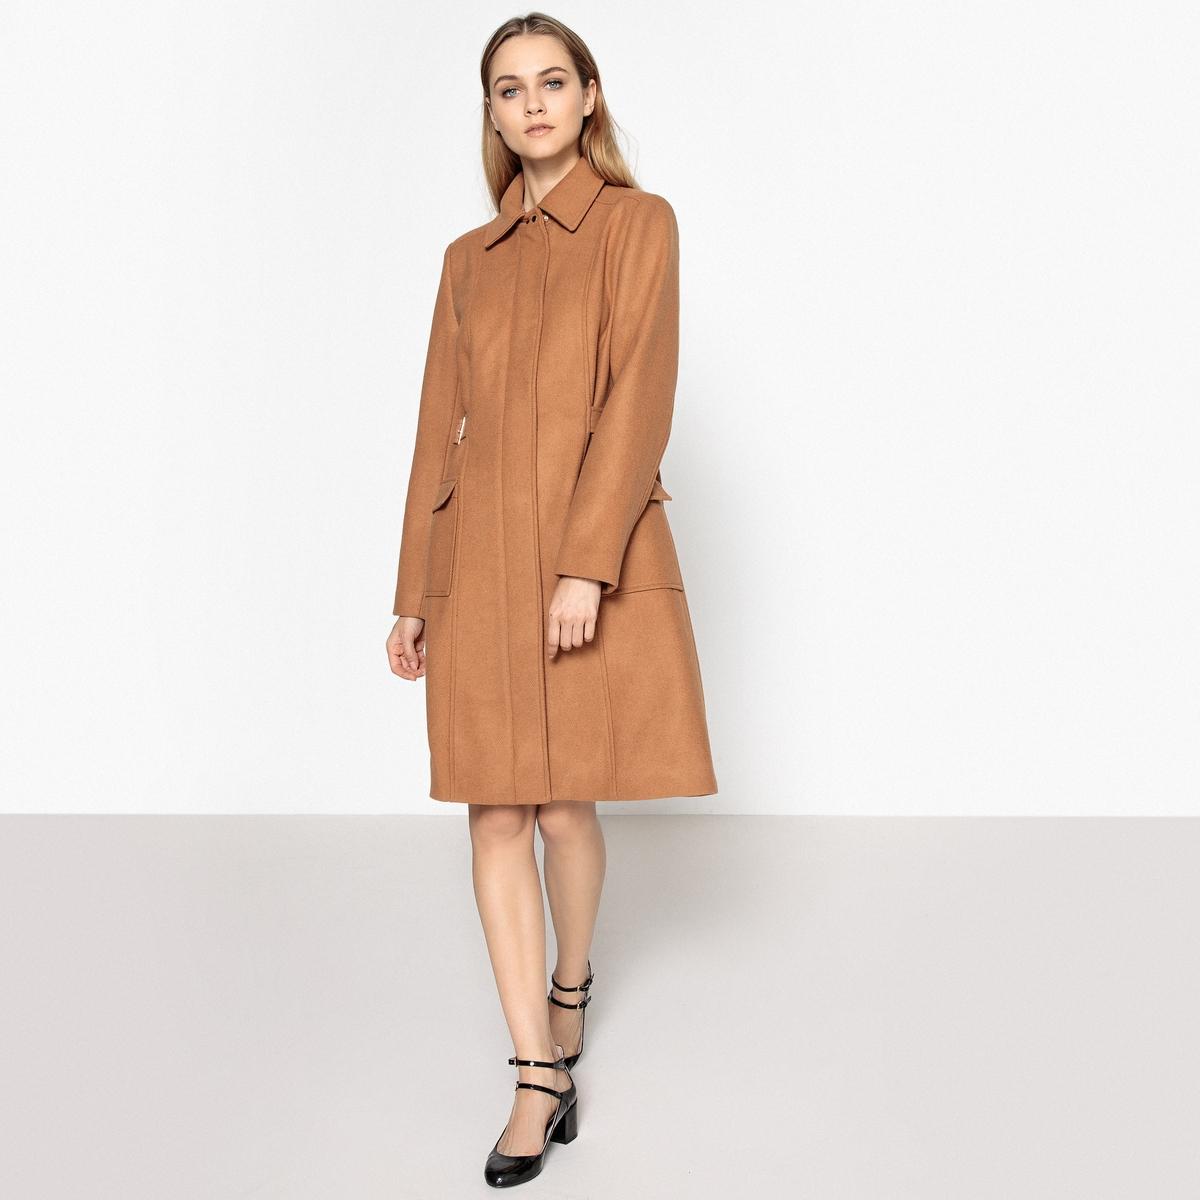 Пальто на молнии 72% шерстиУтепленное пальто из смесовой шерсти очень модного покроя из структурной ткани . Симпатичные ремешки с пряжками, которые подчеркивают талию .Детали •  Длина : удлиненная модель •  Воротник-стойка •  Застежка на молниюСостав и уход •  72% шерсти, 7% акрила, 1% полиамида, 20% полиэстера • Не стирать •  Деликатная чистка/без отбеливателей •  Не использовать барабанную сушку   •  Низкая температура глажки •  Длина : 100 см.<br><br>Цвет: темно-бежевый,черный<br>Размер: 50 (FR) - 56 (RUS).38 (FR) - 44 (RUS)